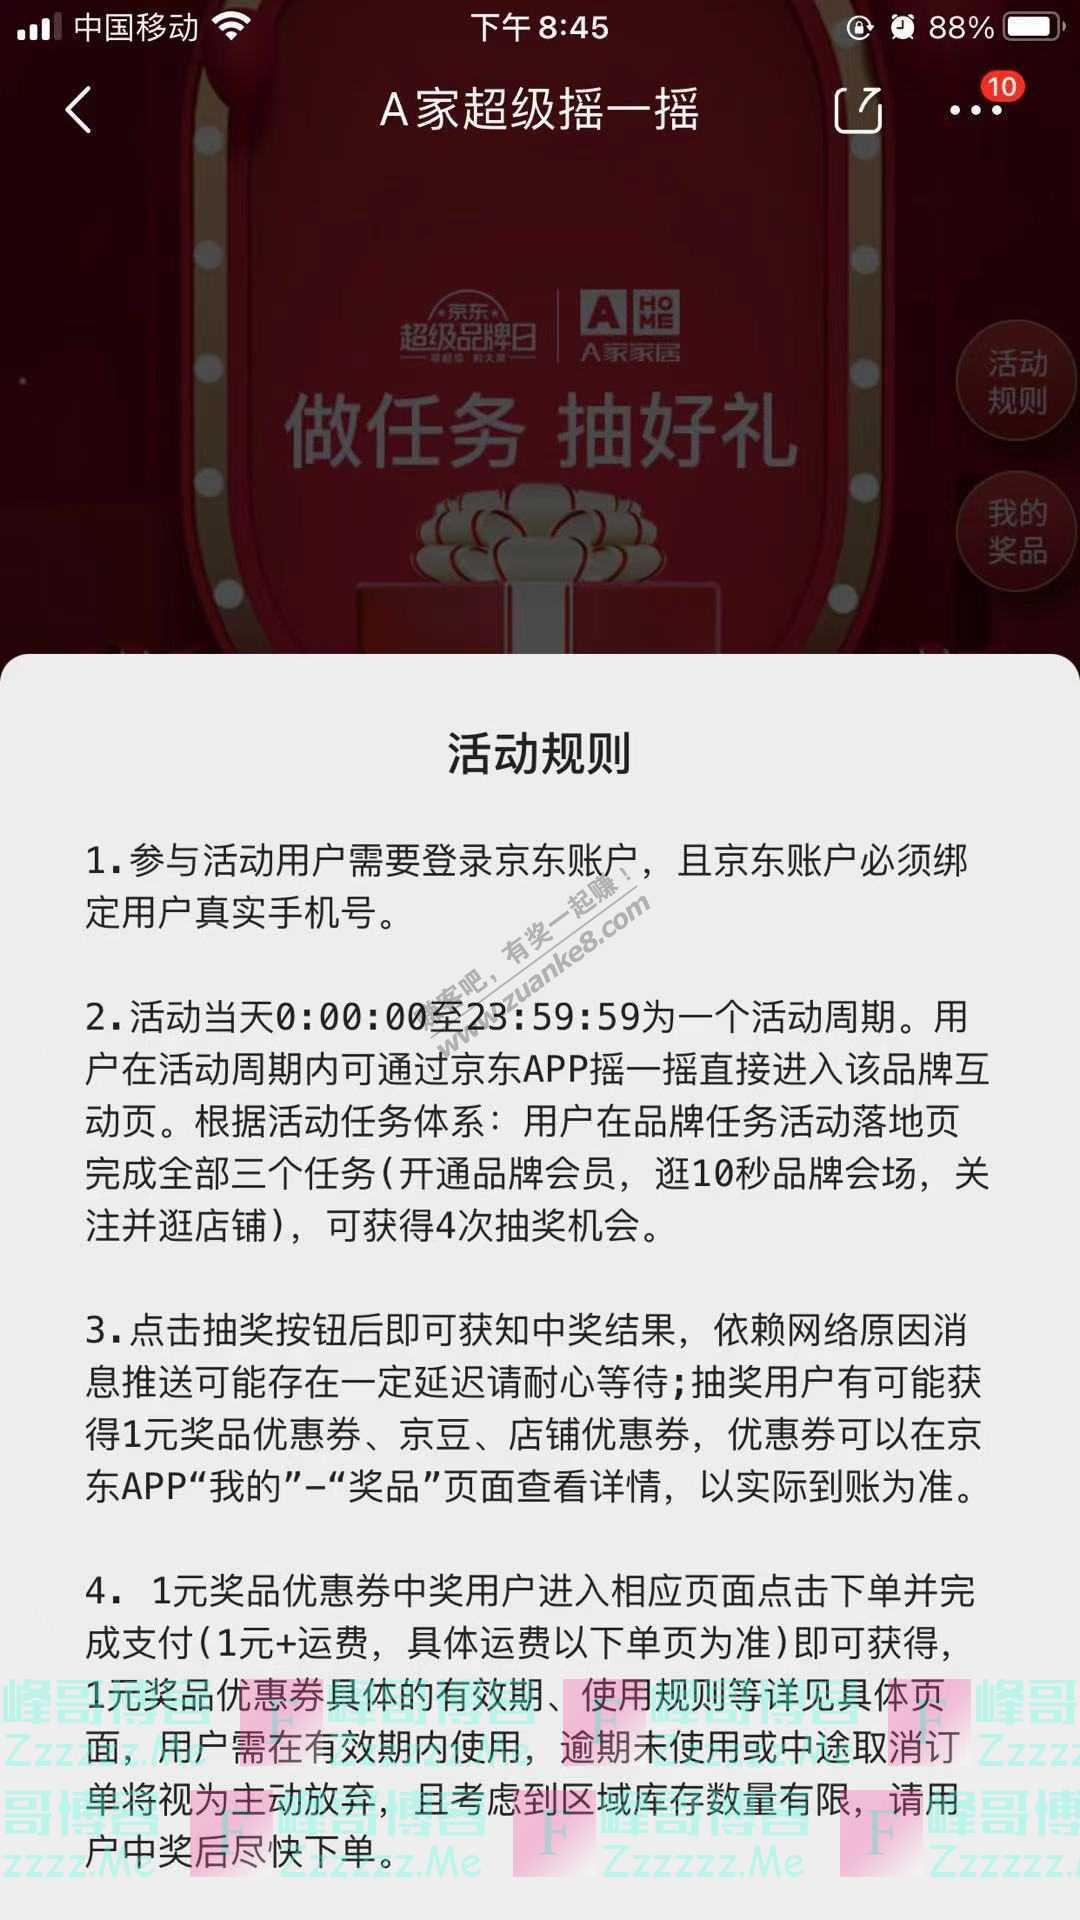 京东appA家超级摇一摇(截止4月9日)